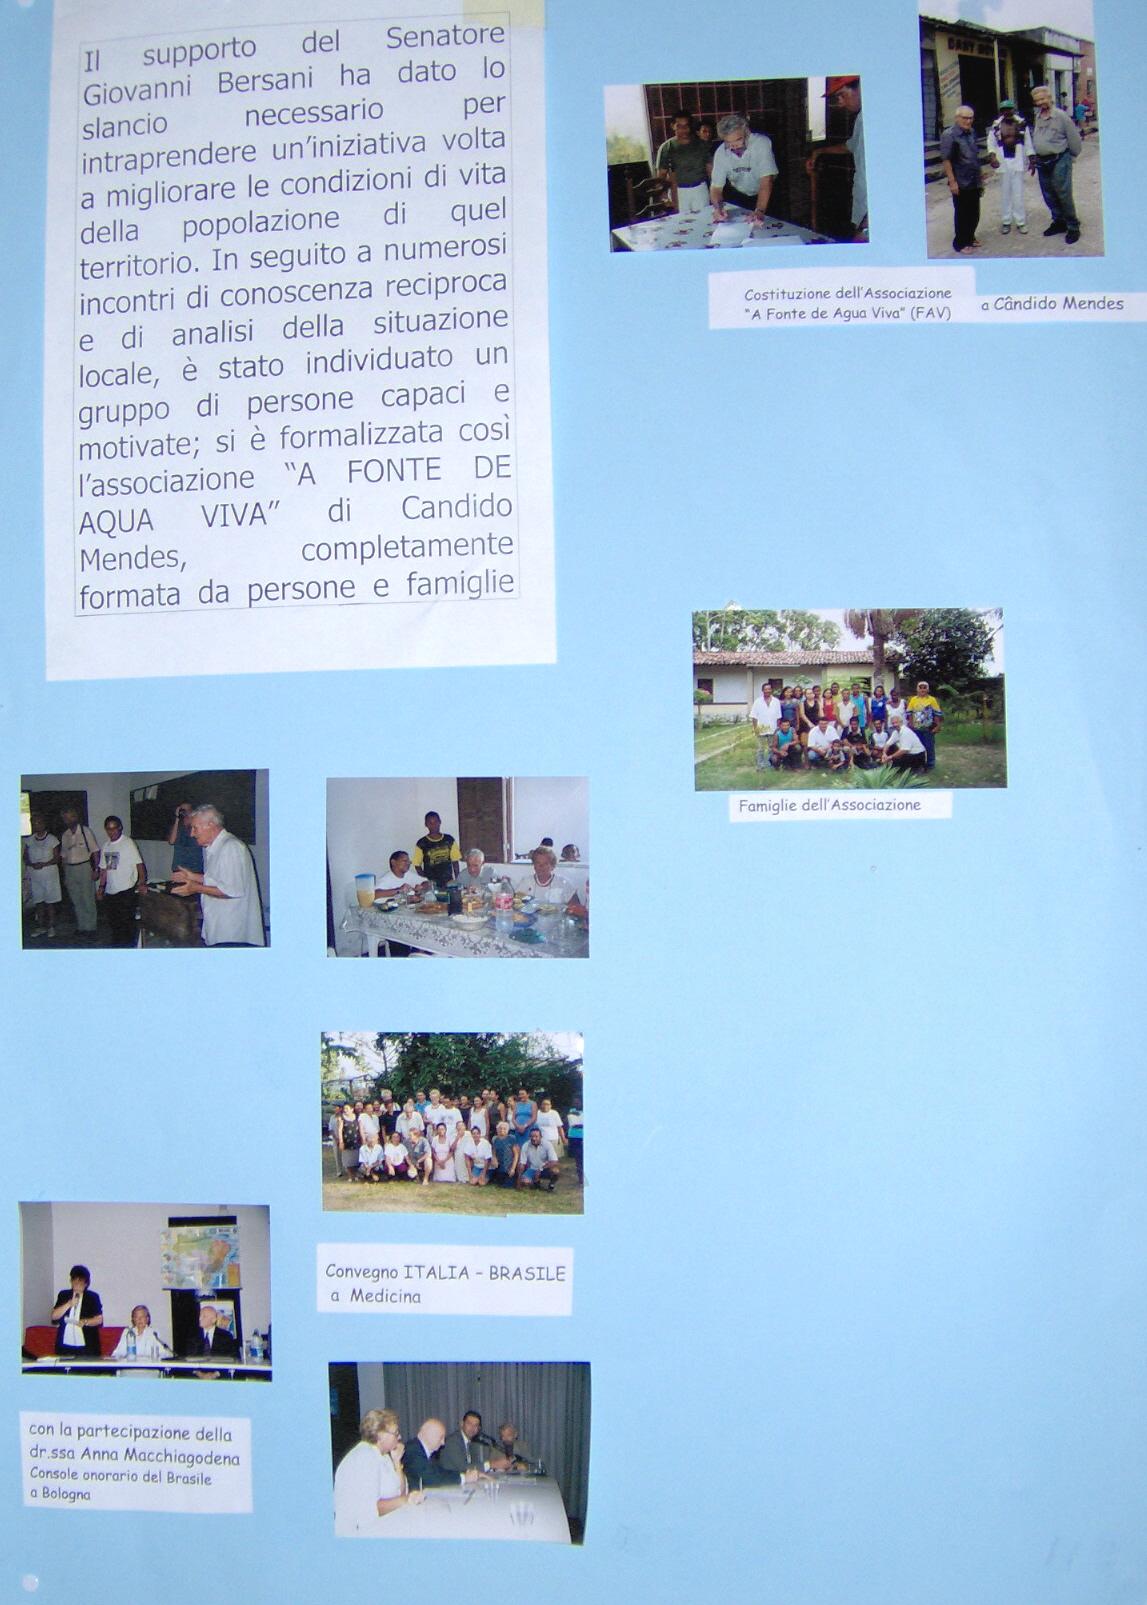 HPIM1409.JPG